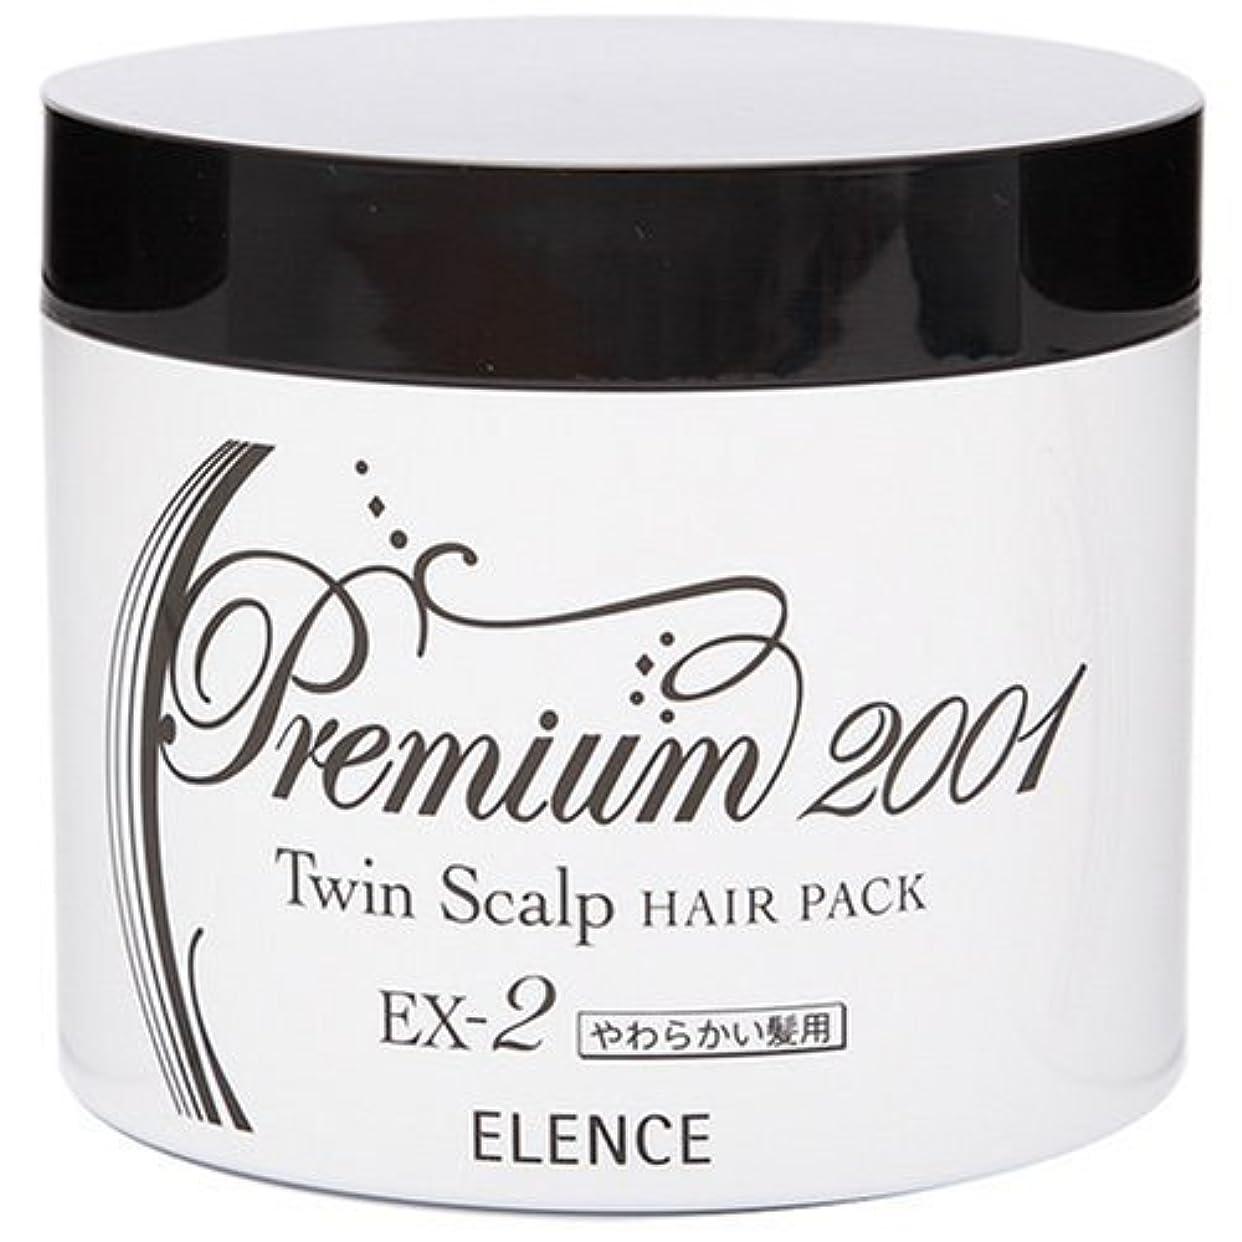 旅行ノイズ司書エレンス2001 ツインスキャルプヘアパックEX-2(やわらかい髪用)